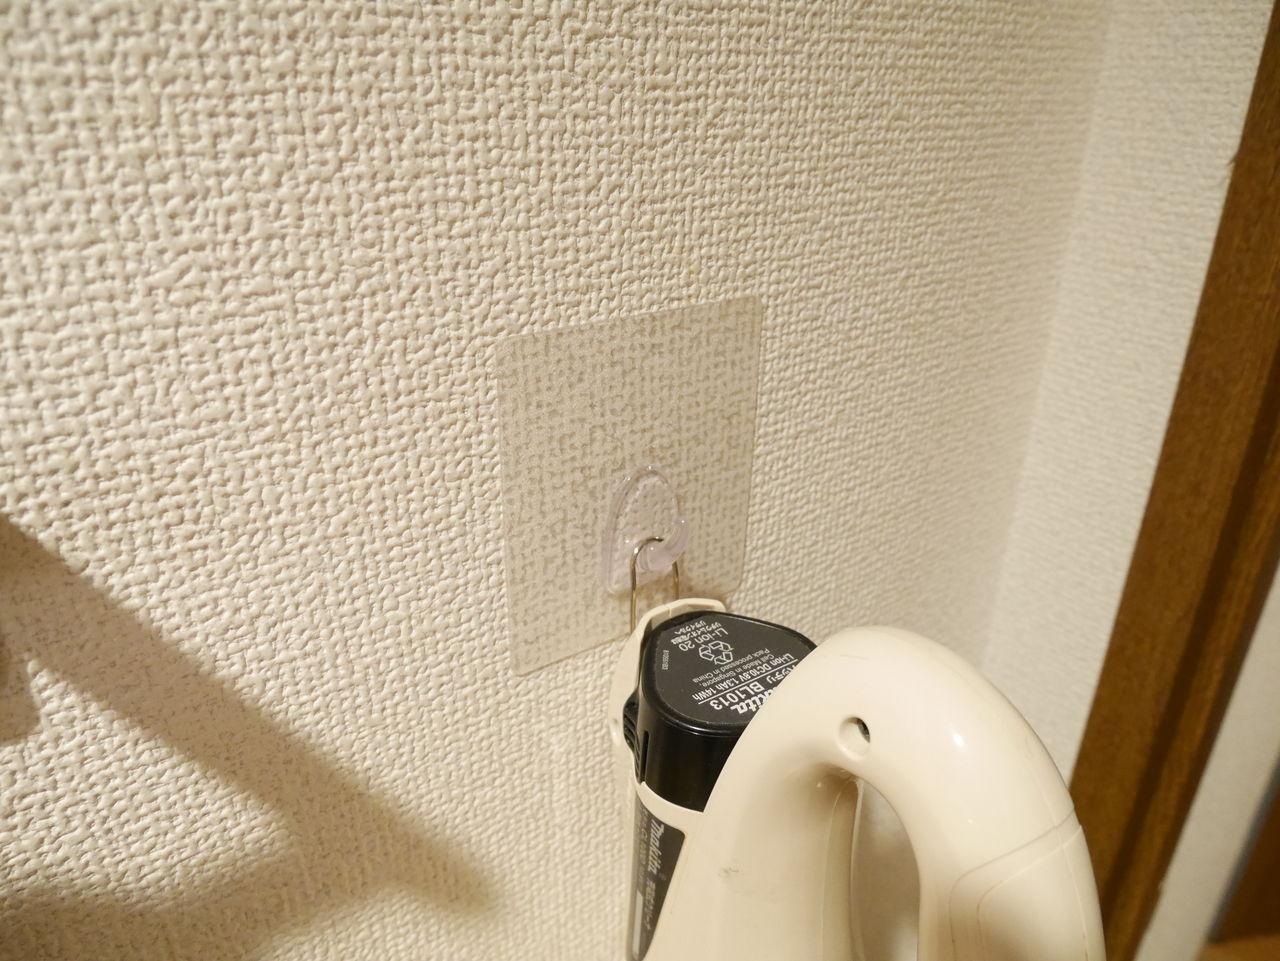 レビュー Liberta粘着透明フックなら 掃除機も掛けられるけどボコボコの壁紙は剥がれる のんたんマガジン